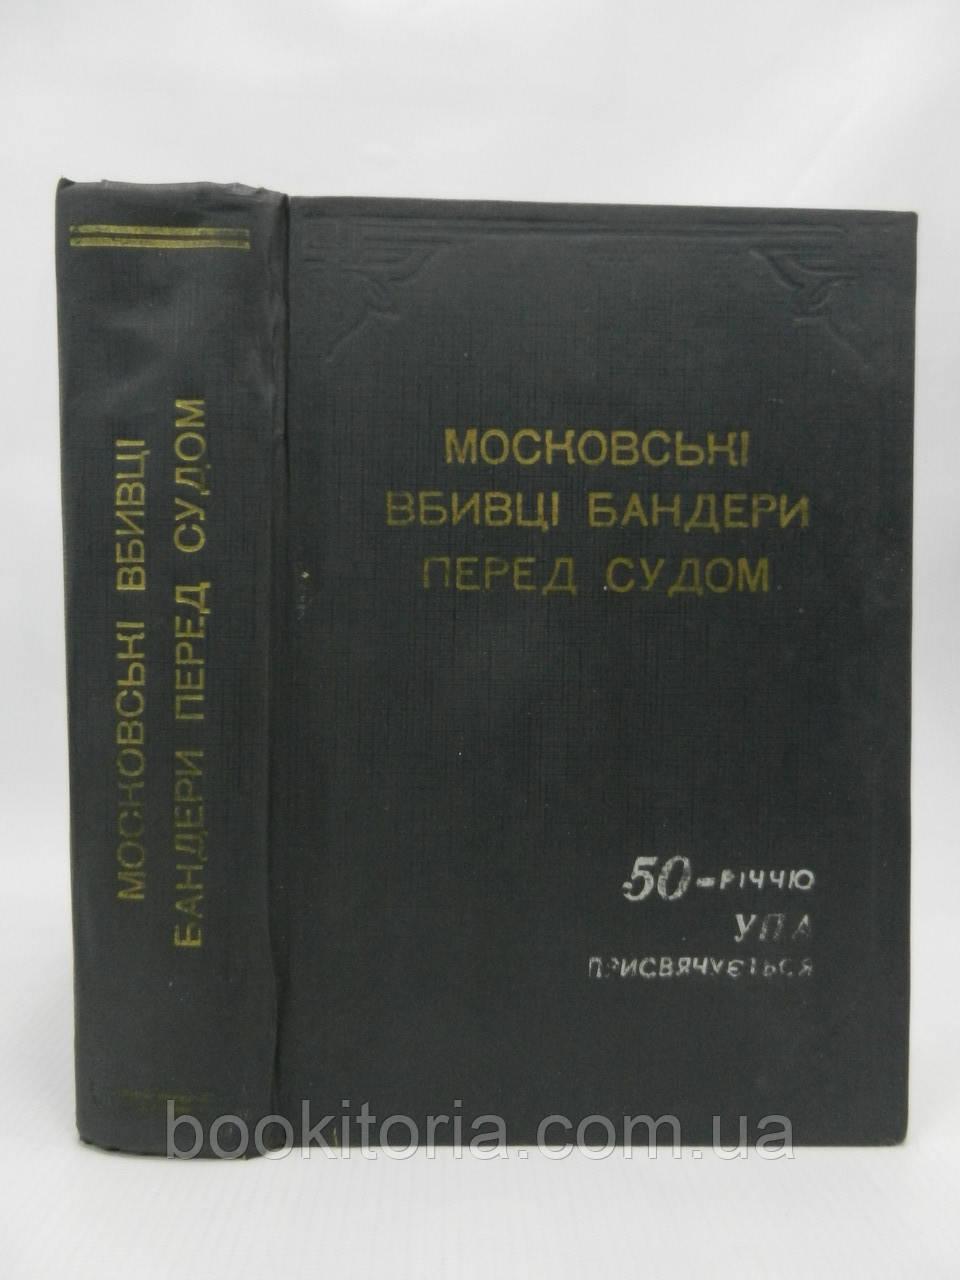 Московські вбивці Бандери перед судом. Чайковський Д. (б/у).